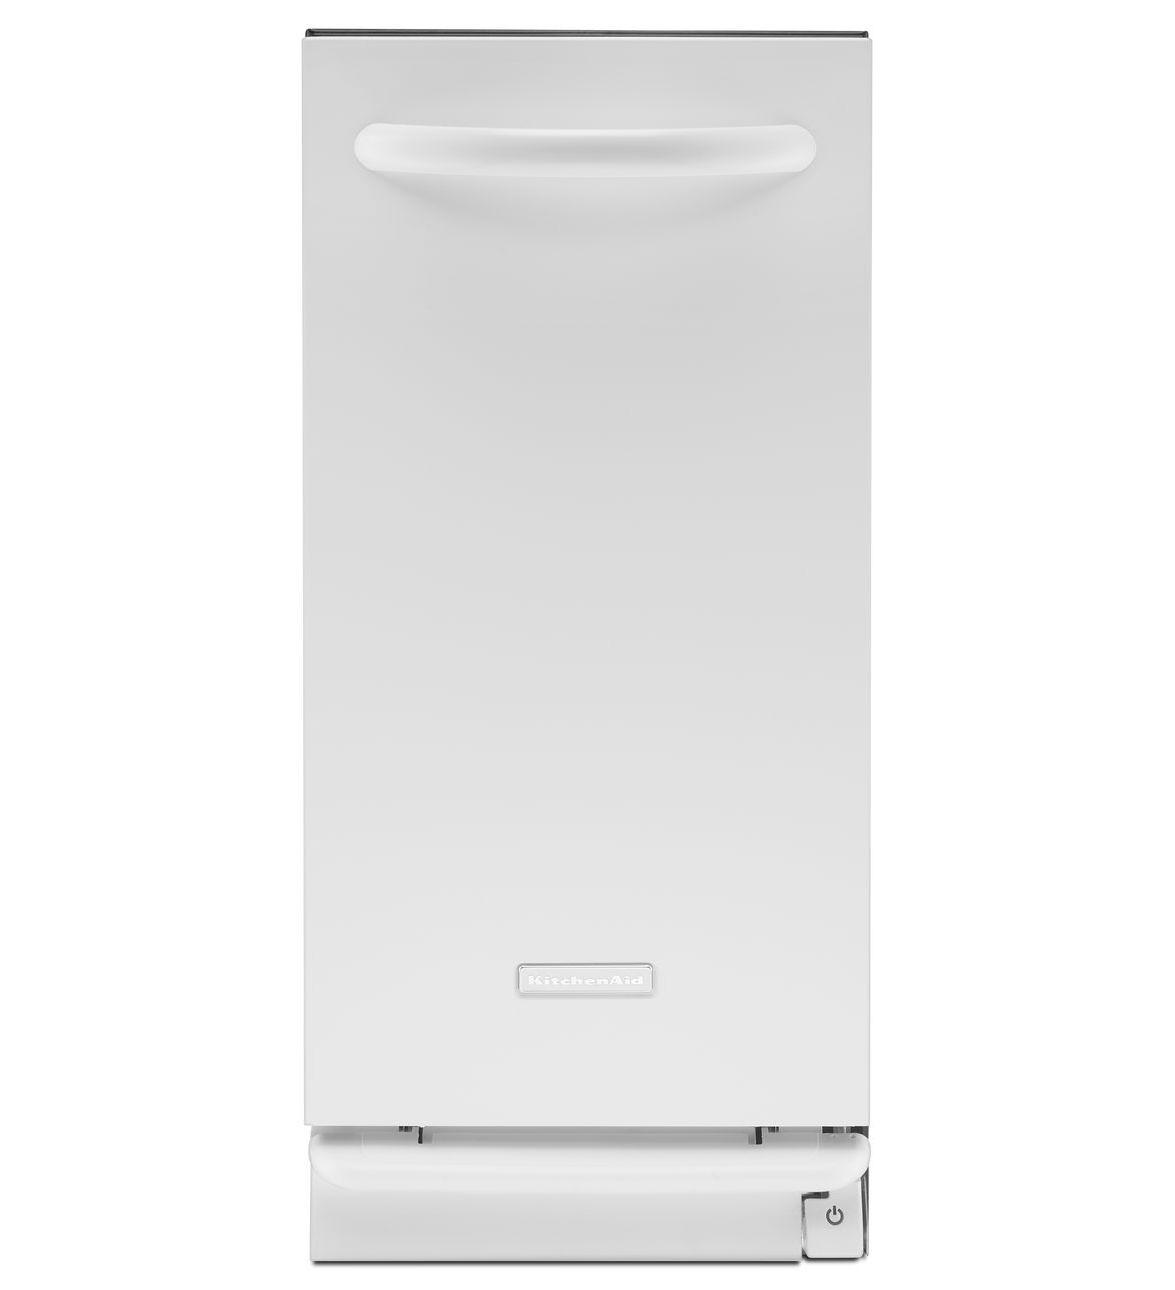 Kitchenaid Architect Series White Trash Compactor